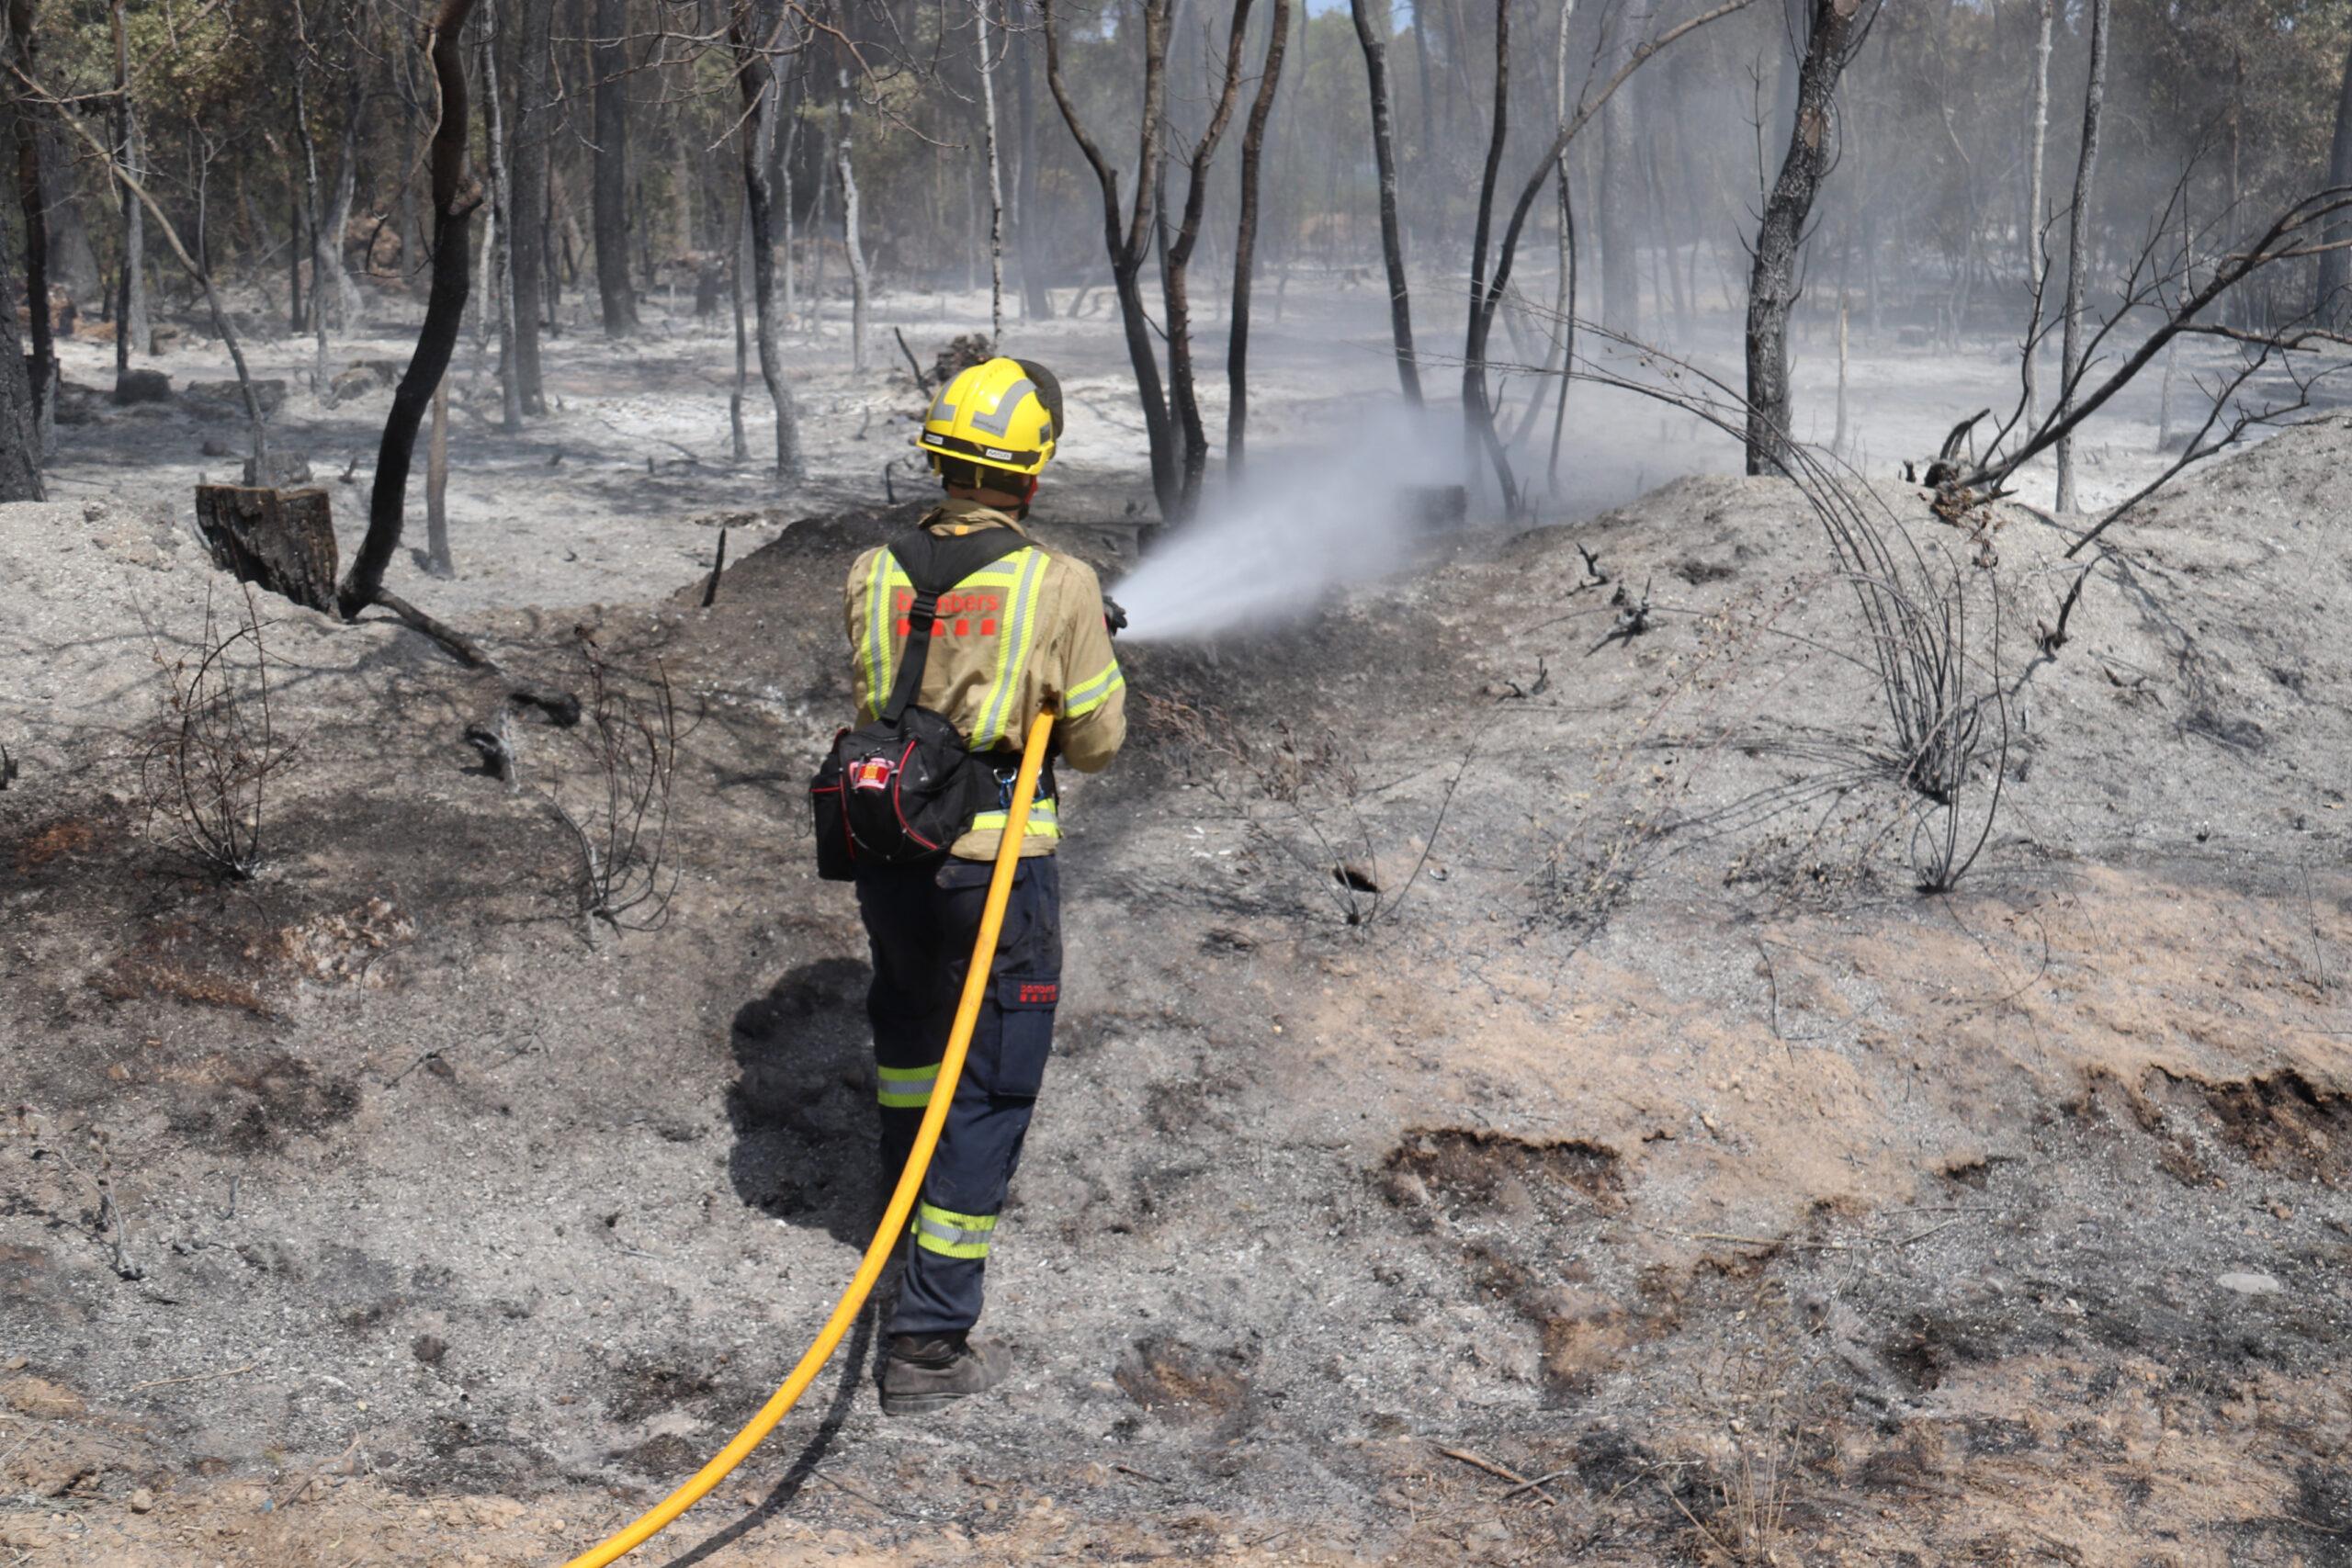 Un bomber remullant una de les zones cremades a l'incendi de Ventalló | ACN